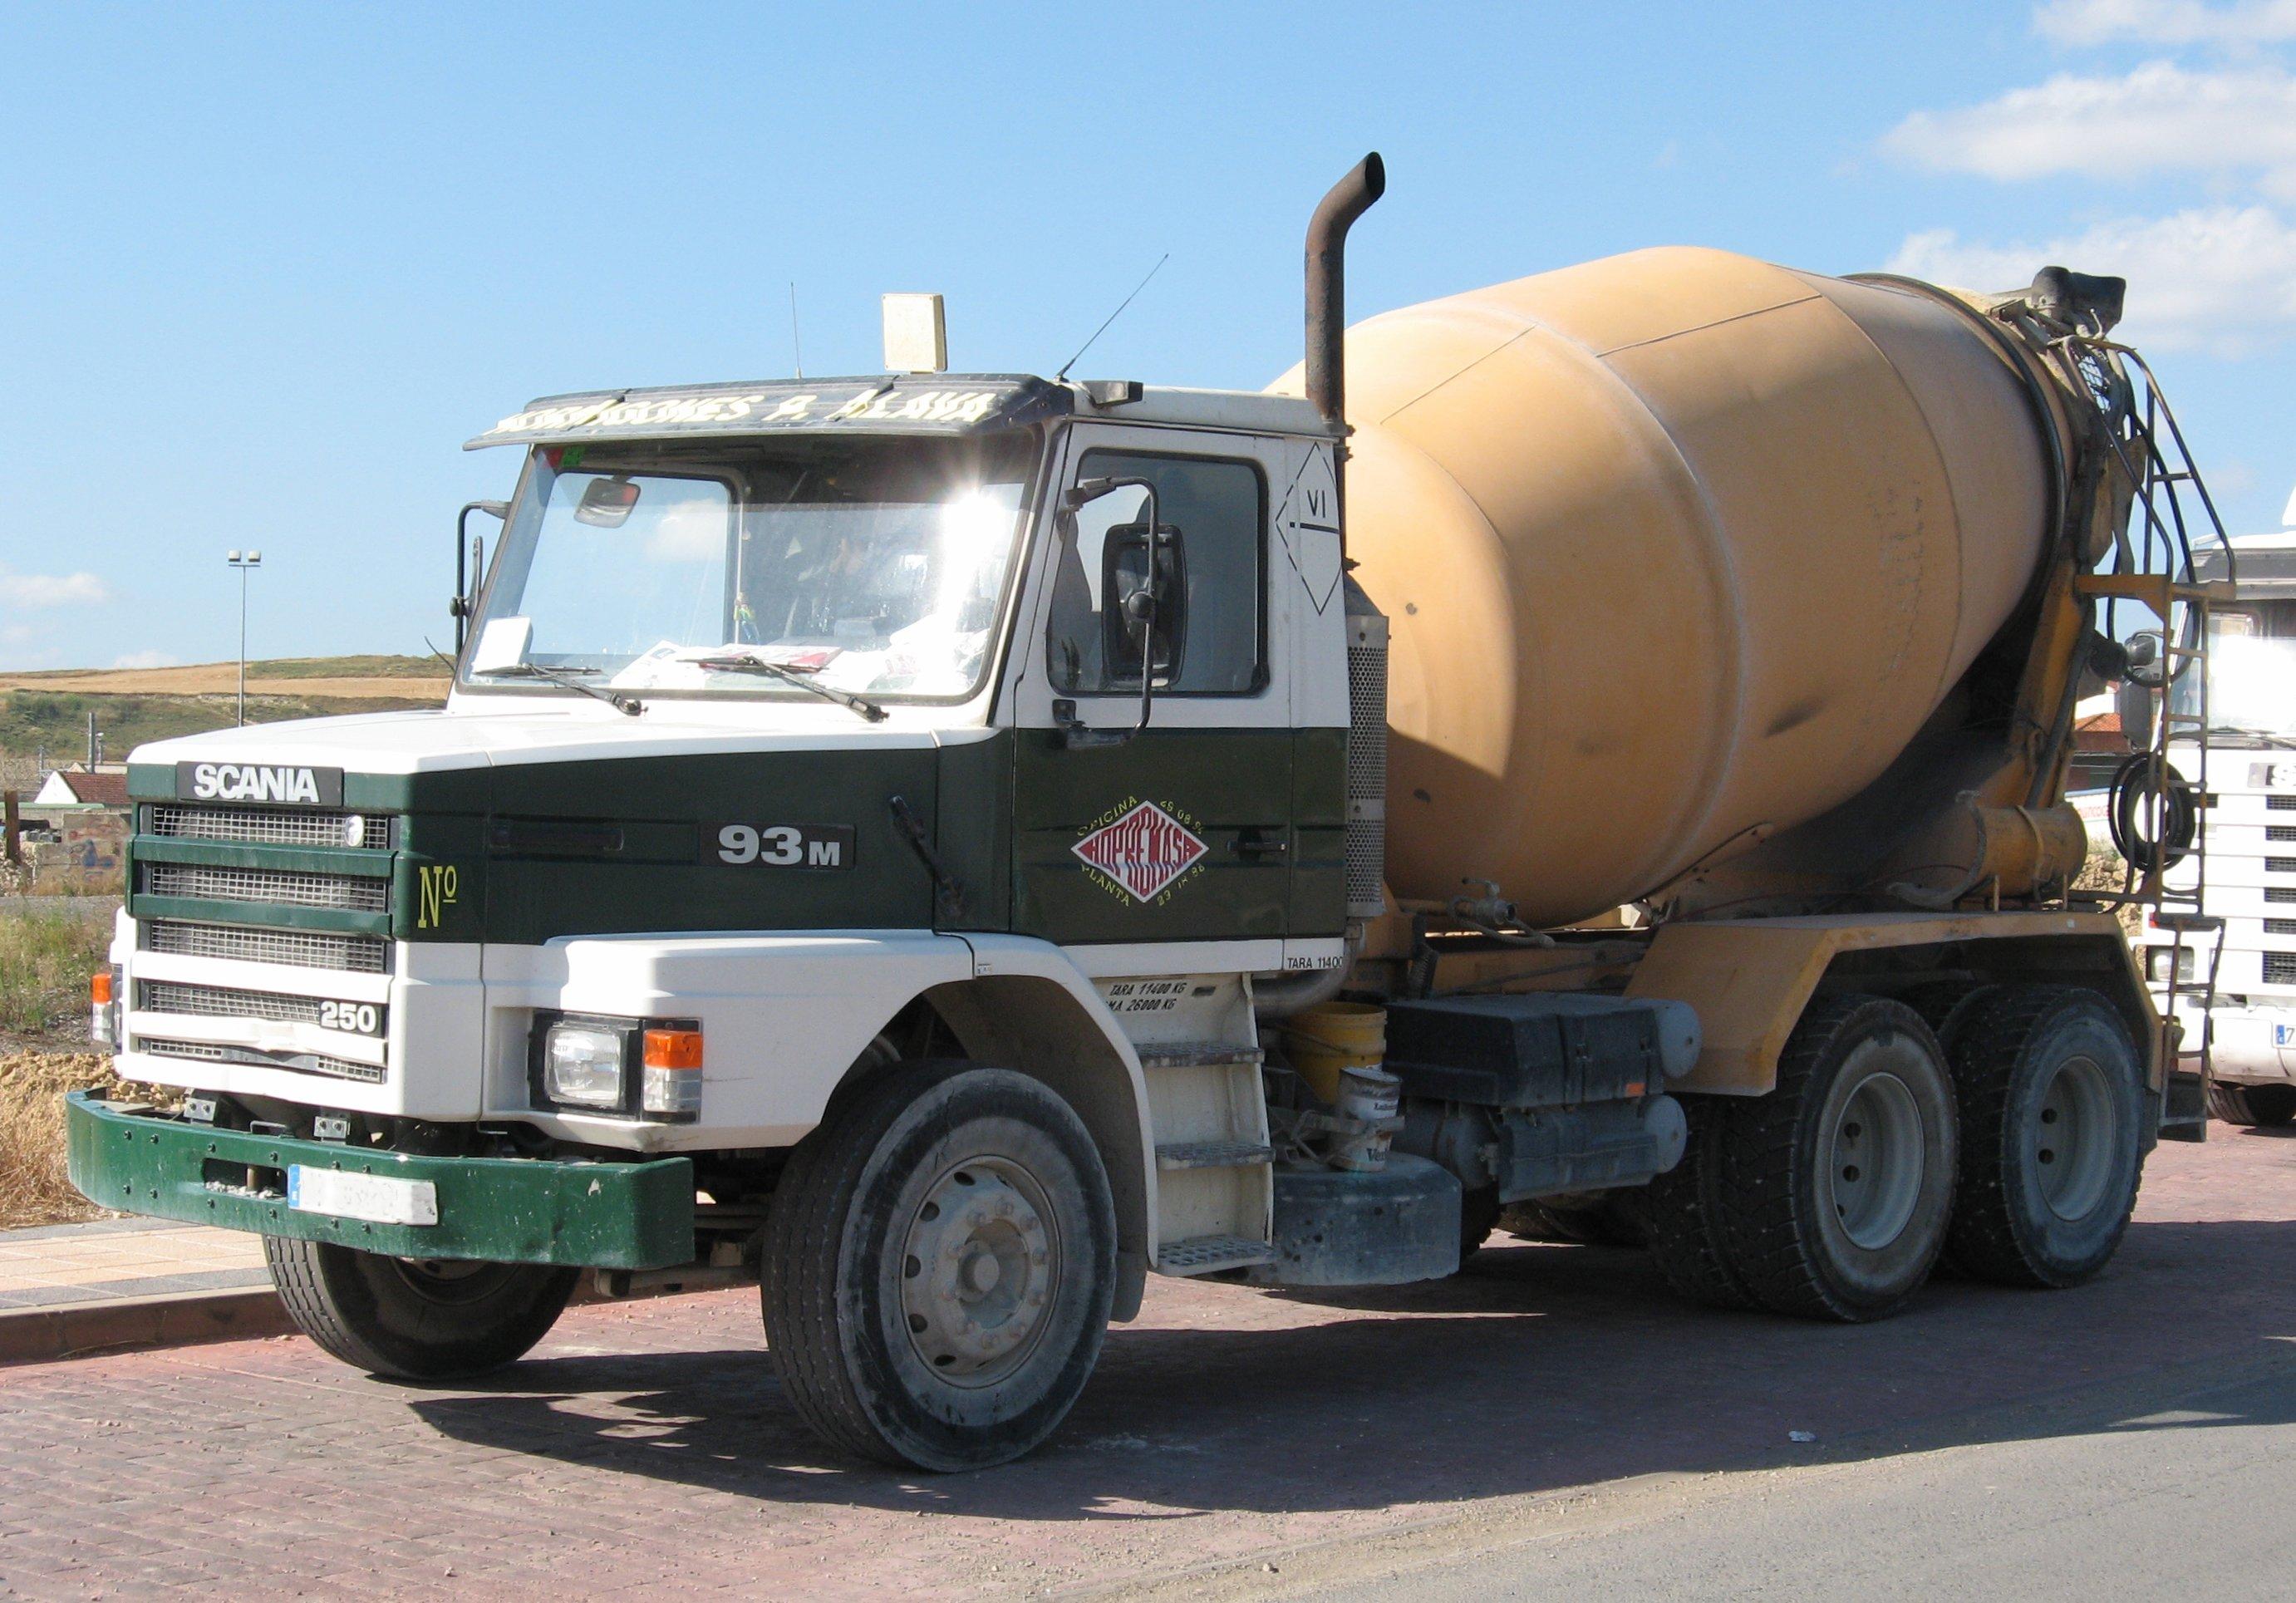 Scania hormigonera 250 93M